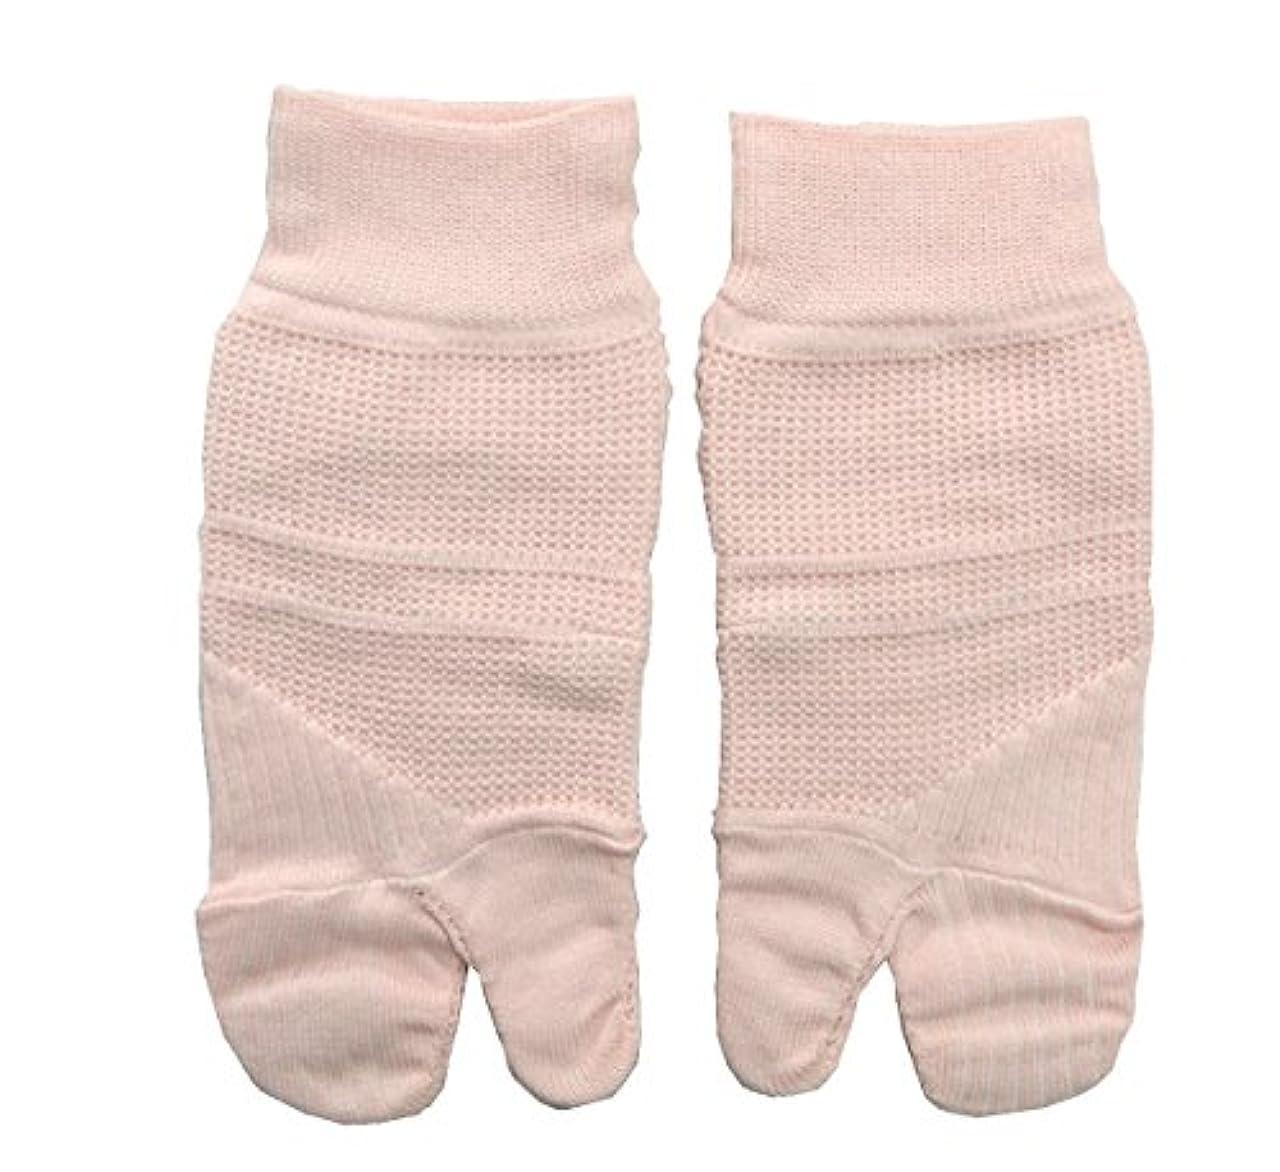 太平洋諸島予約ショッピングセンター外反母趾対策靴下(通常タイプ) コーポレーションパールスター?広島大学大学院特許製品